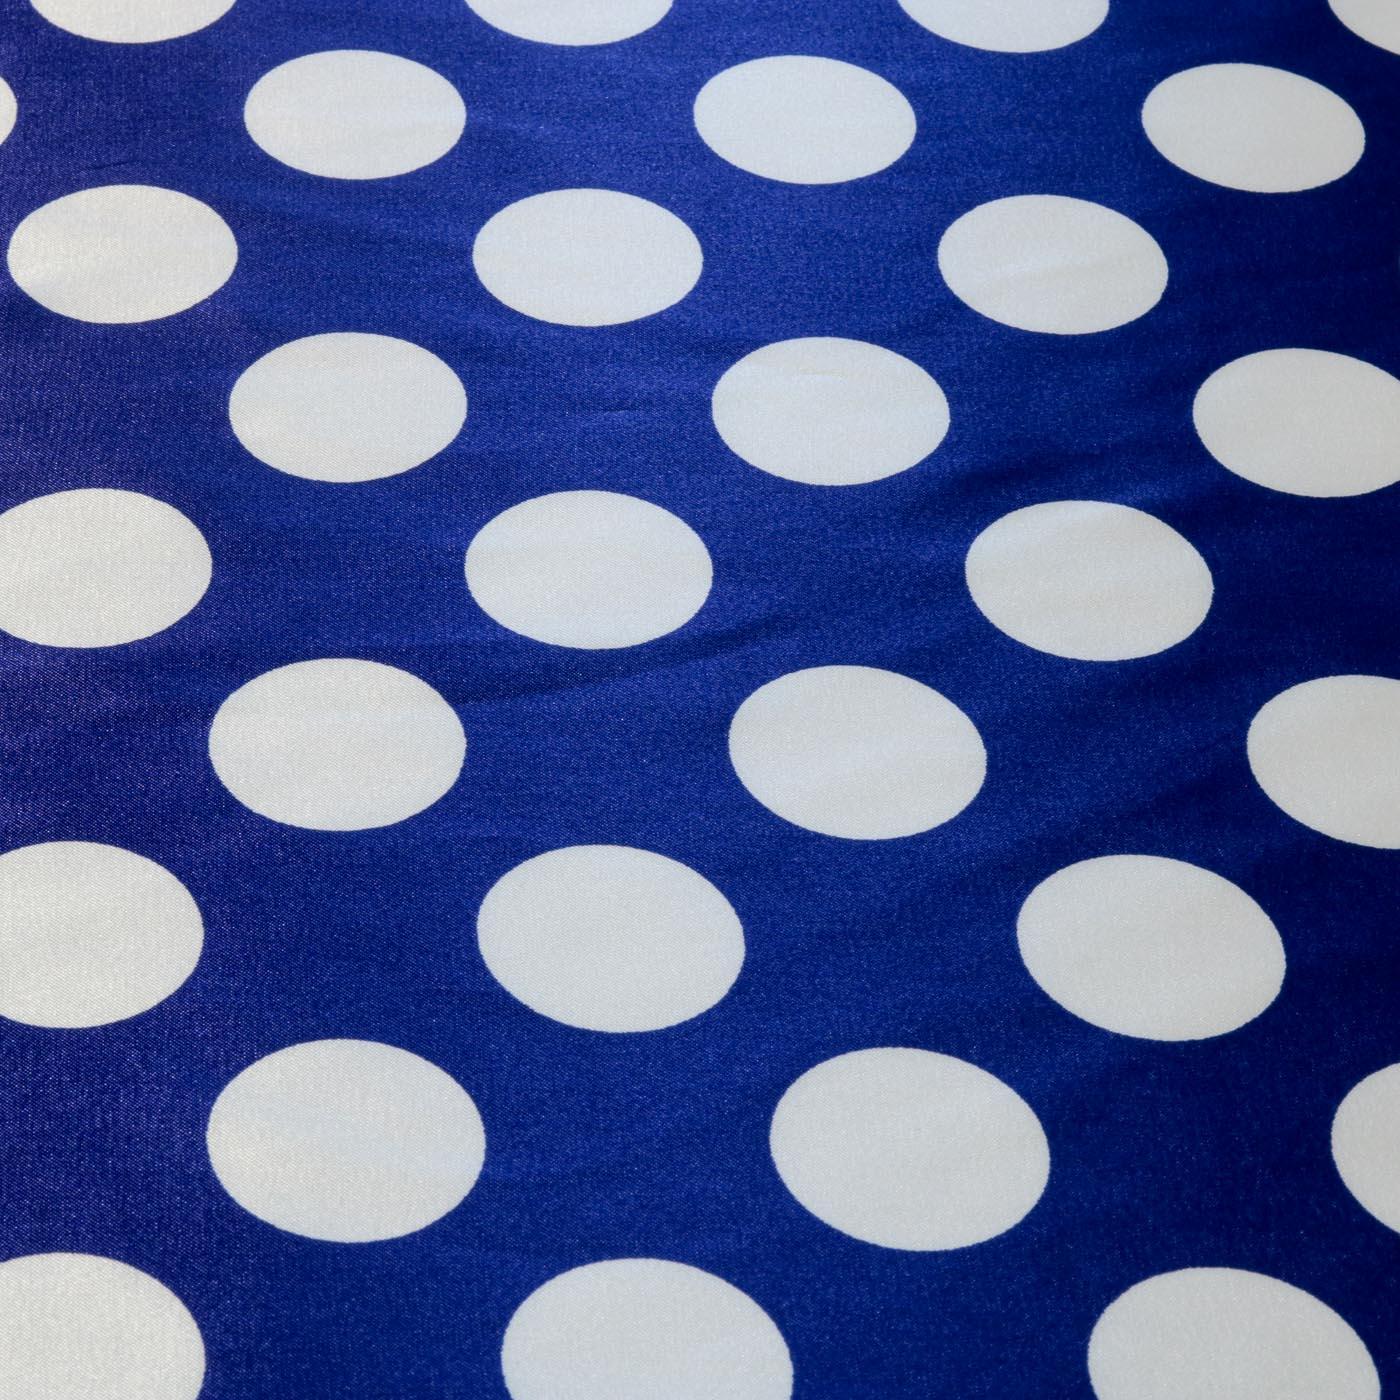 Tecido Cetim Estampado Poa Bola 1,40m Largura Fundo Azul Royal